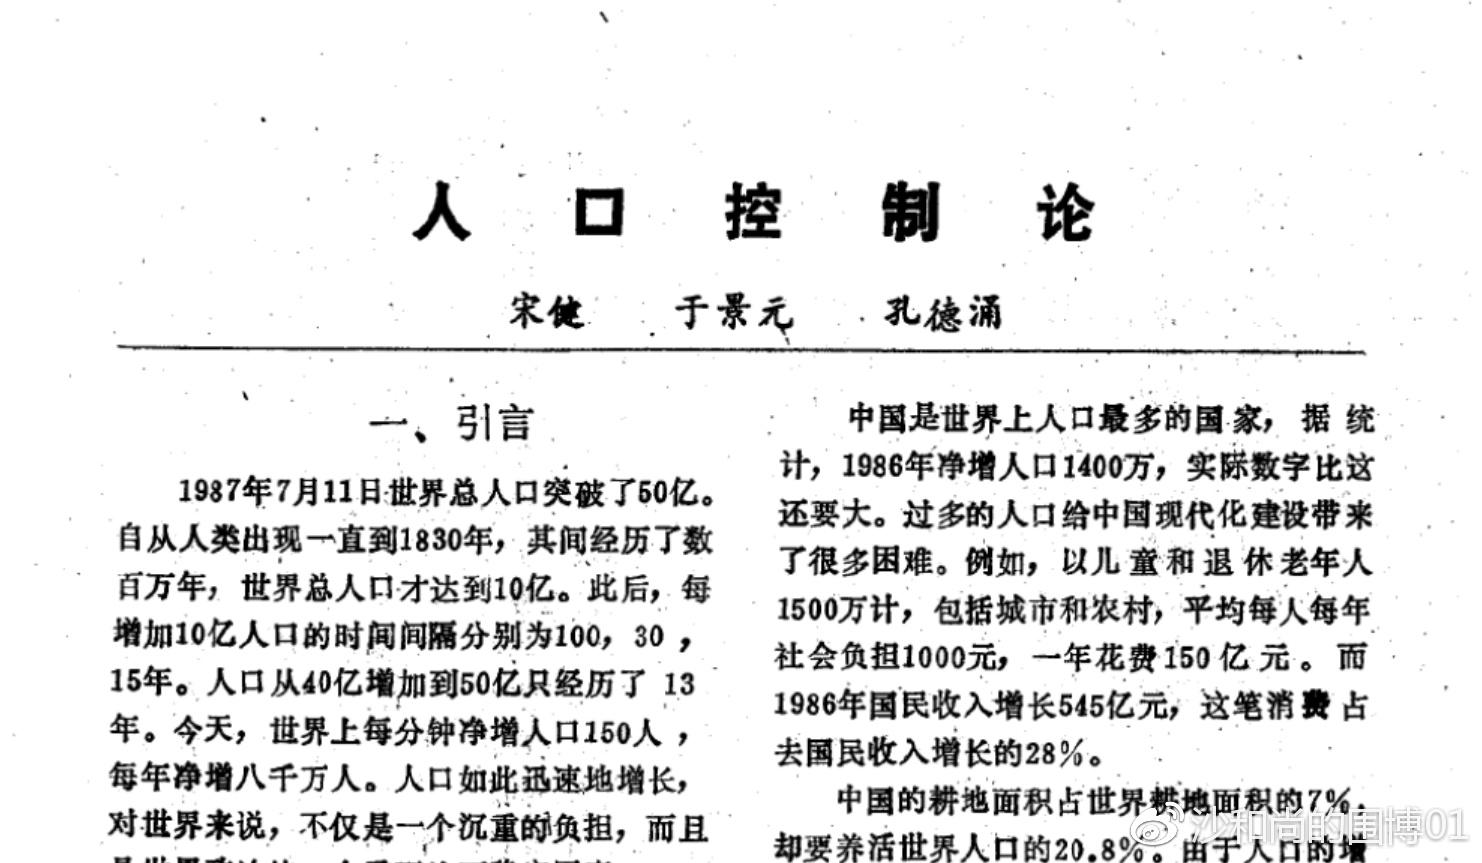 人口学论文经典回忆:中国最好人口7亿论的提出